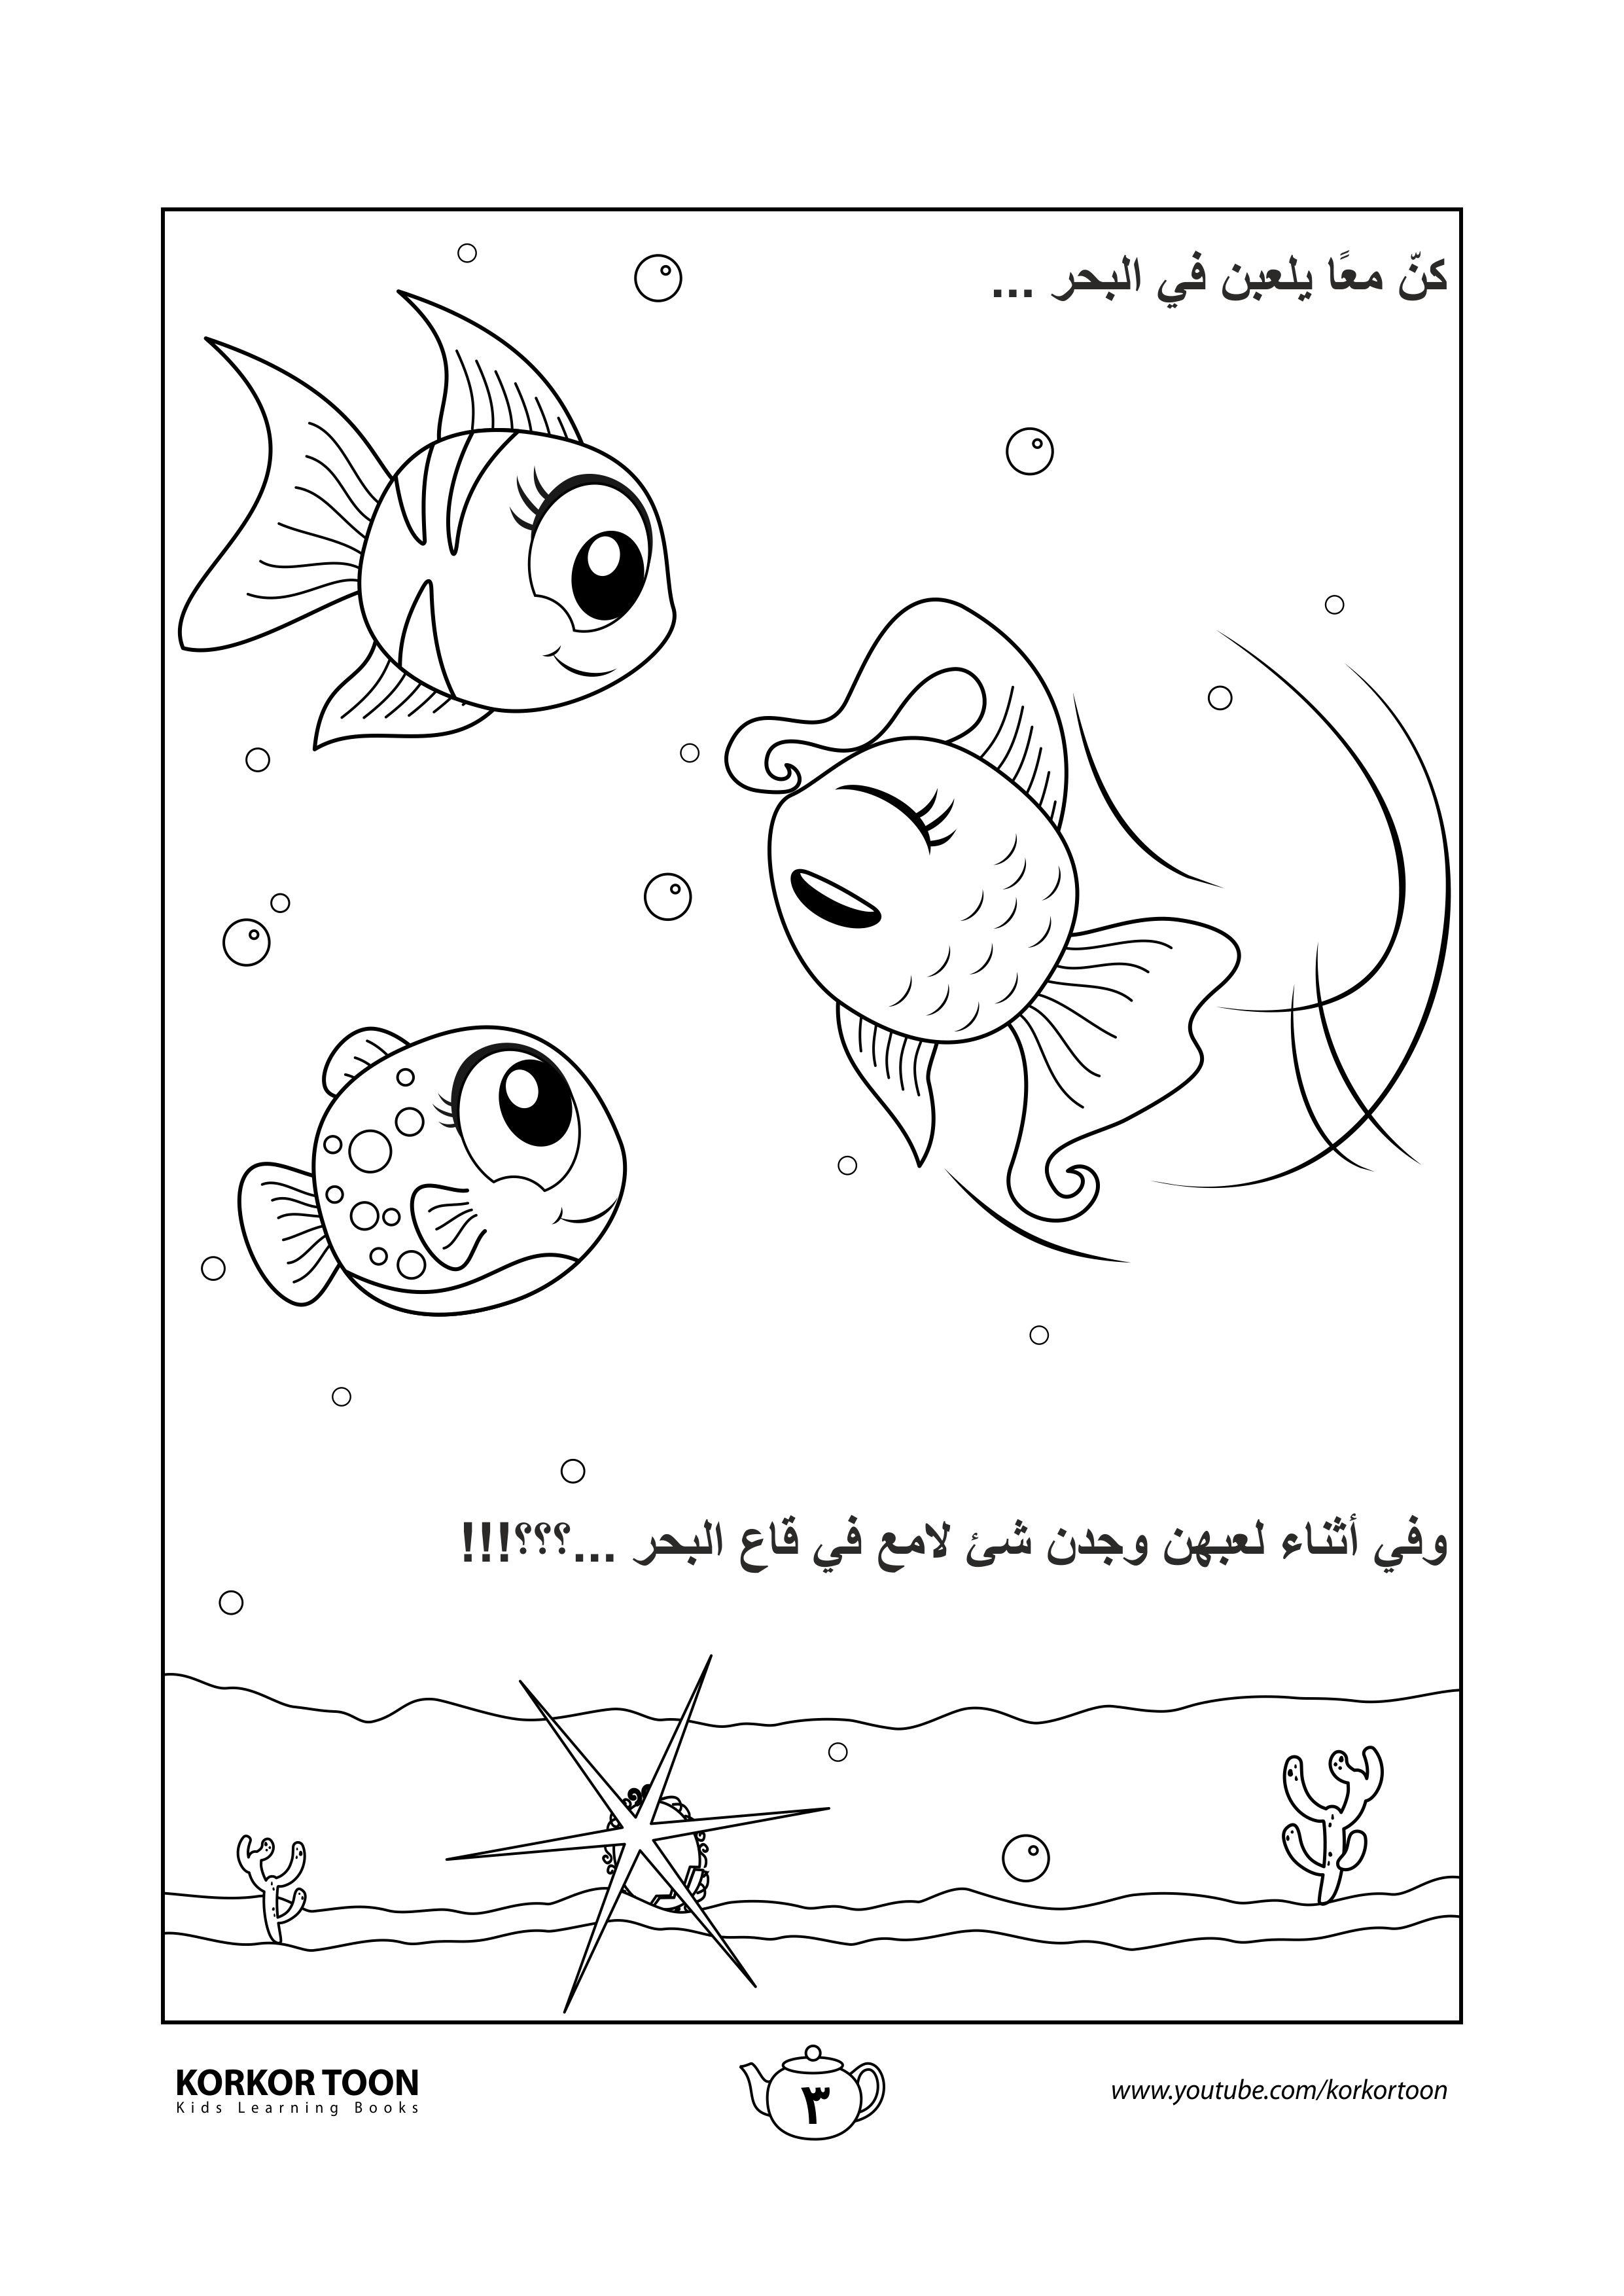 كتاب تلوين قصة السمكة المميزة صفحة 3 In 2021 Coloring Books Books Color